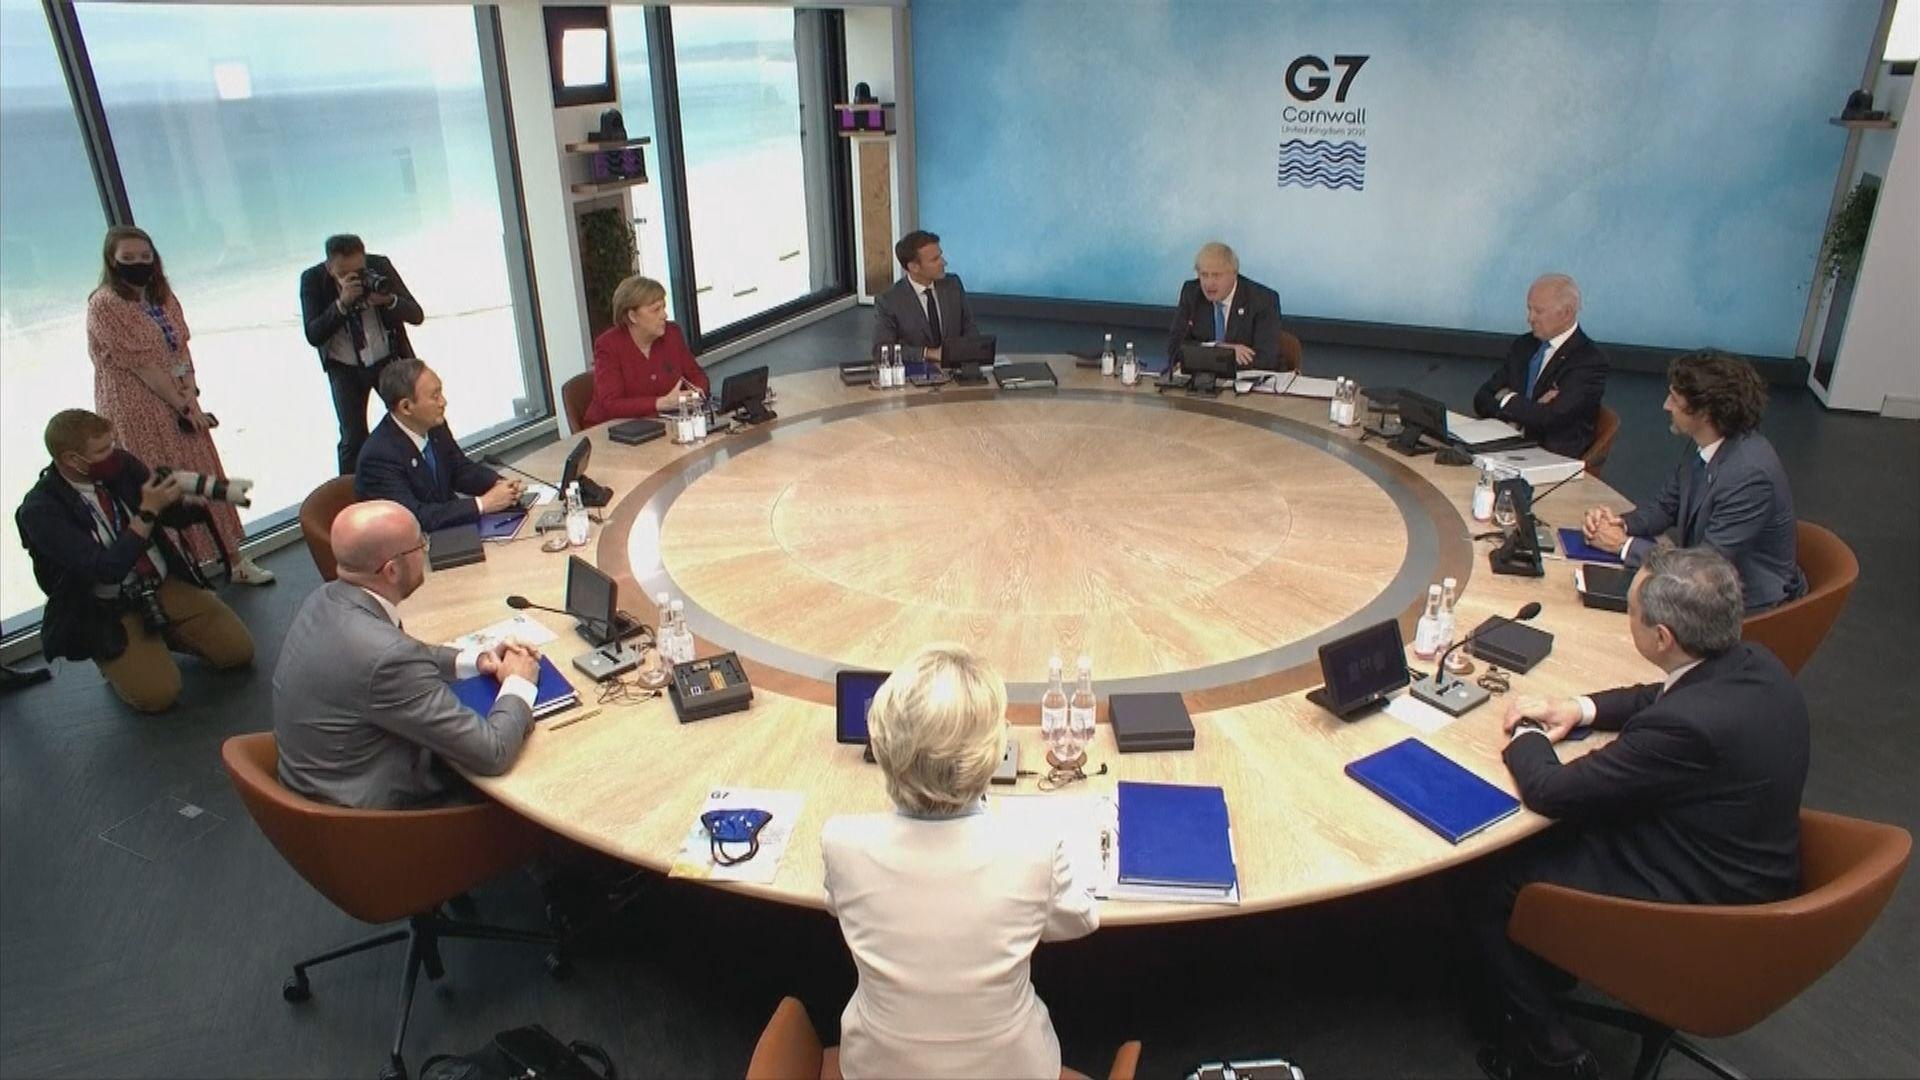 據報七國領袖同意續以財政刺激手段支持經濟發展